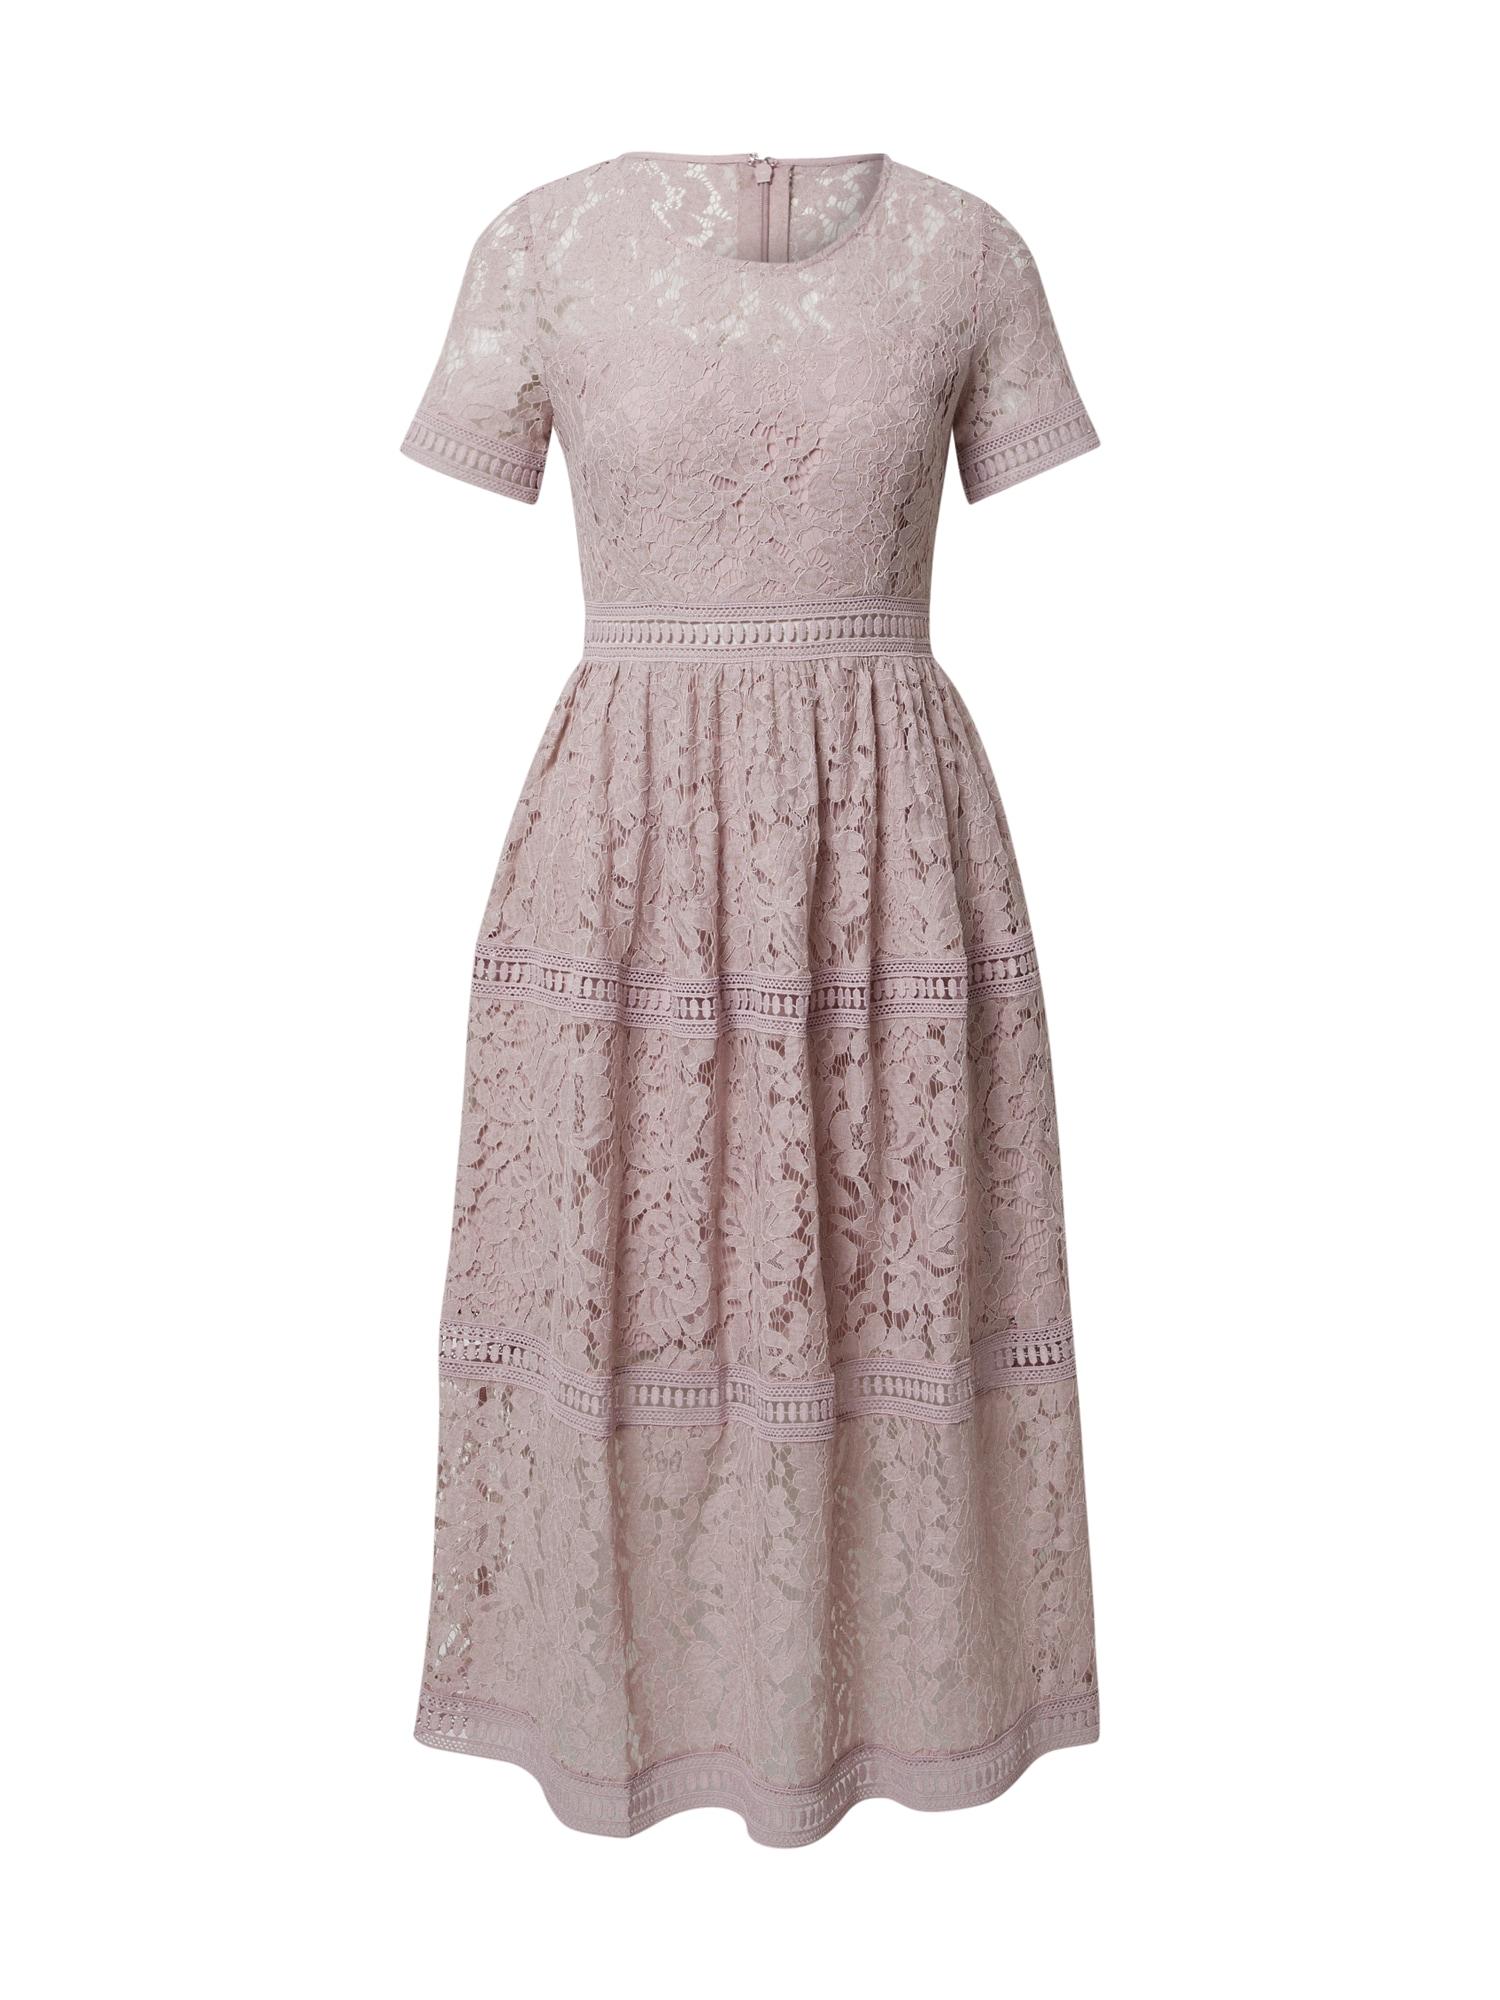 APART Vakarinė suknelė rausvai violetinė spalva